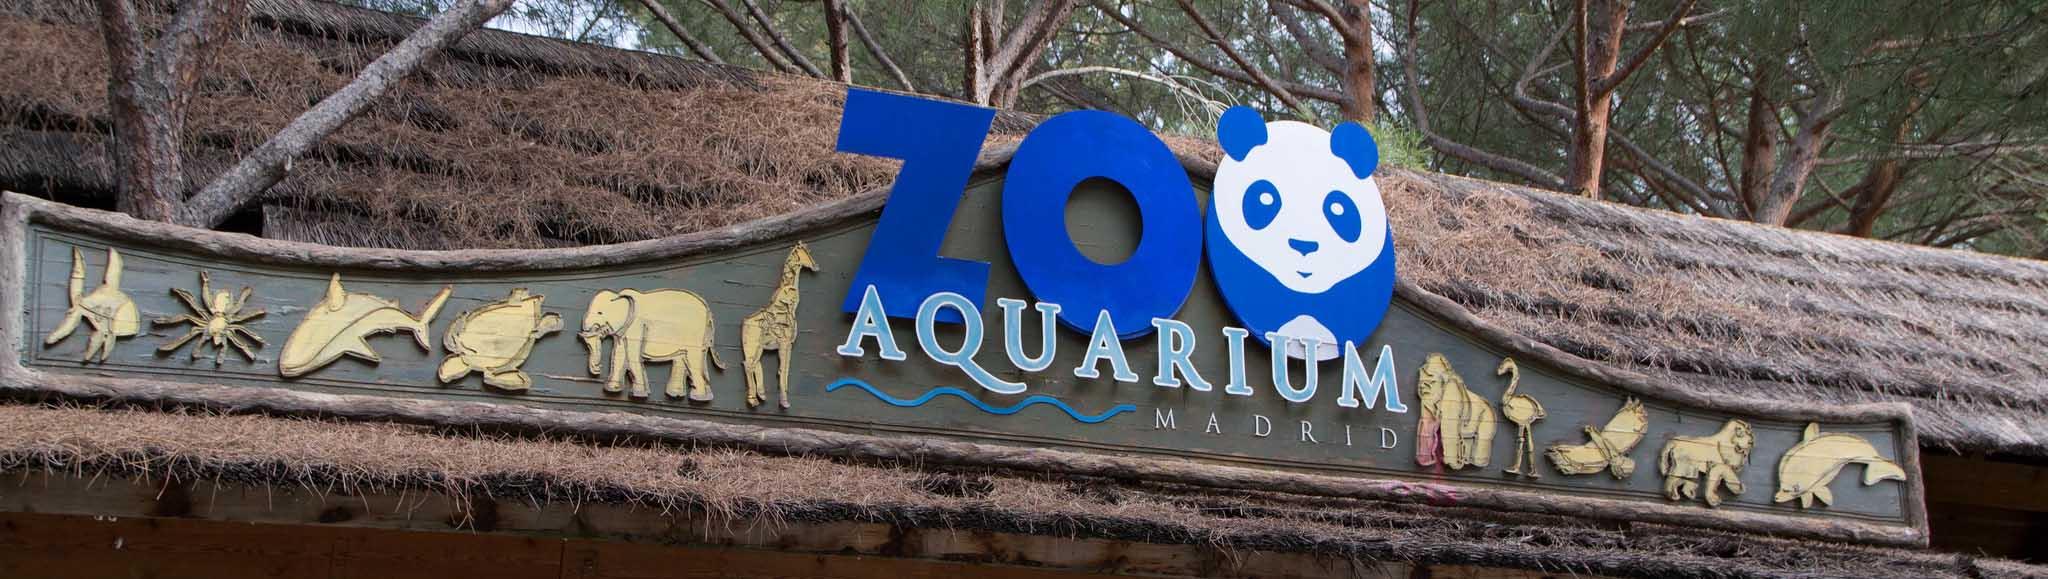 Зоо-аквариум в Мадриде